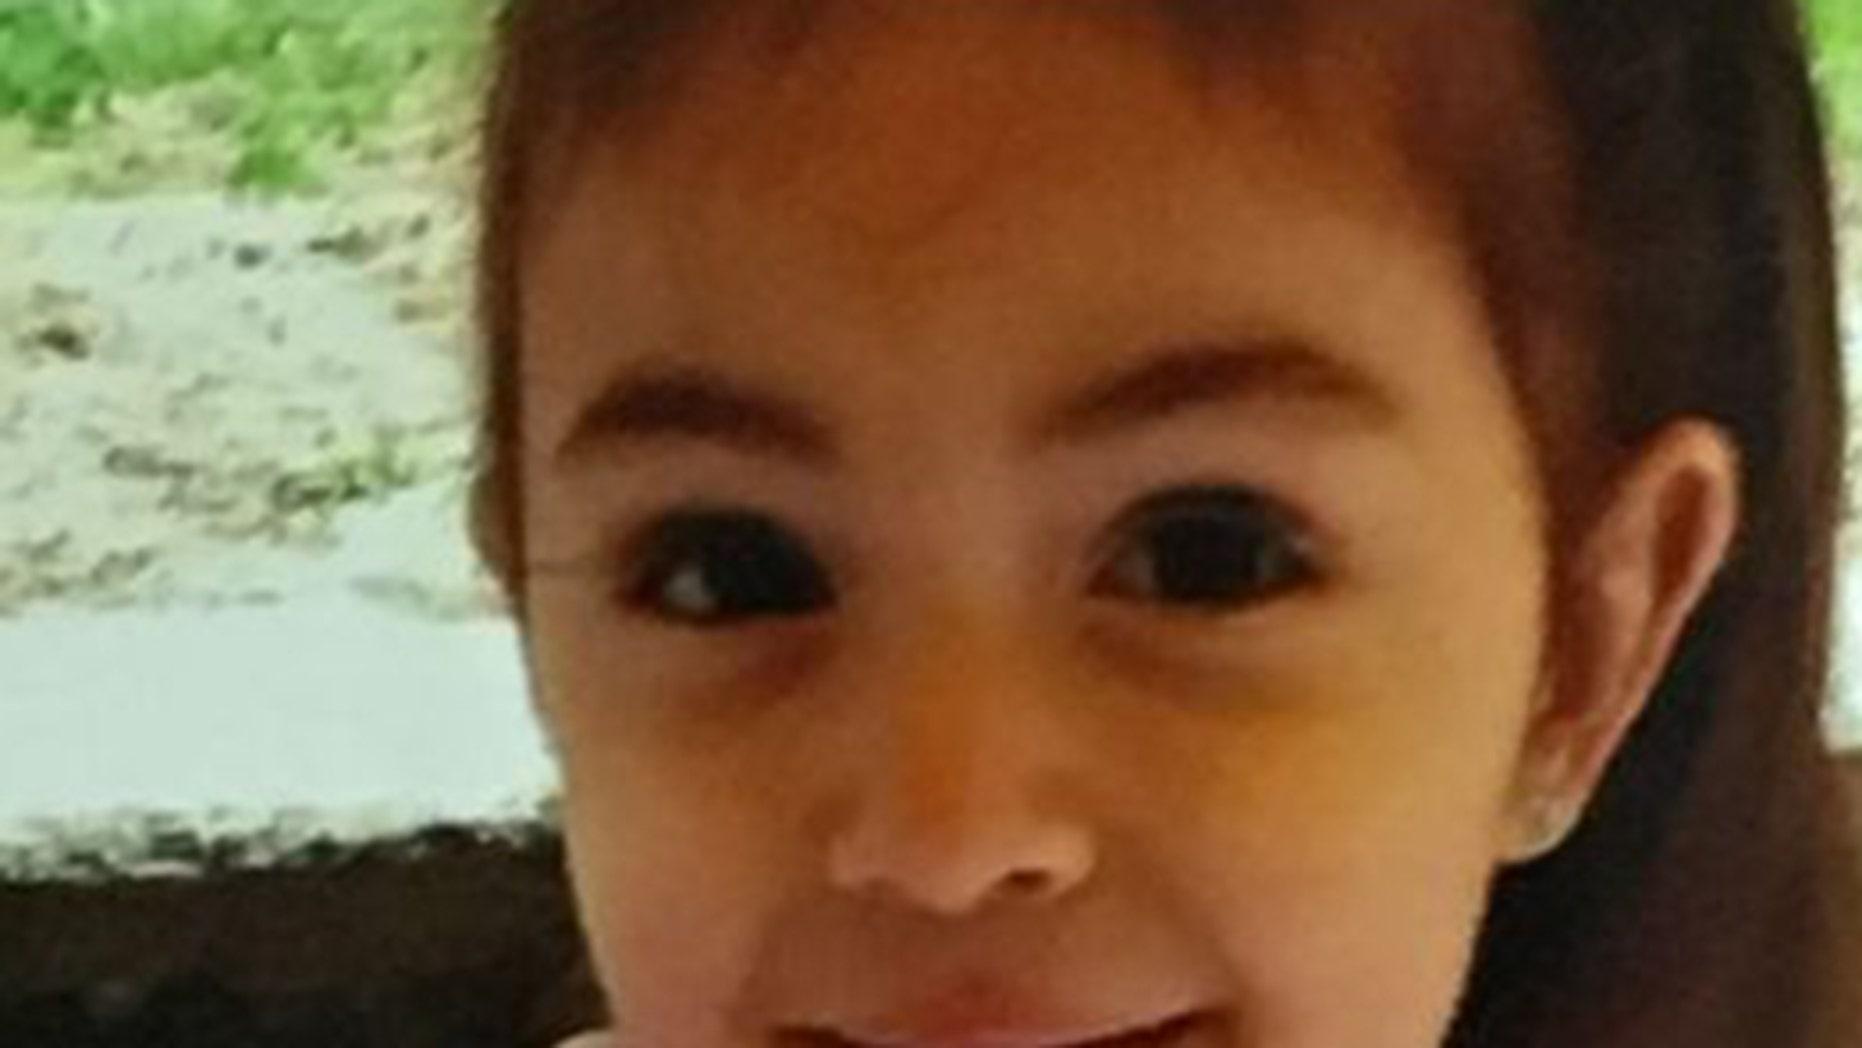 Gabriella Maria Boyd died Saturday in Westchester County, north of New York City